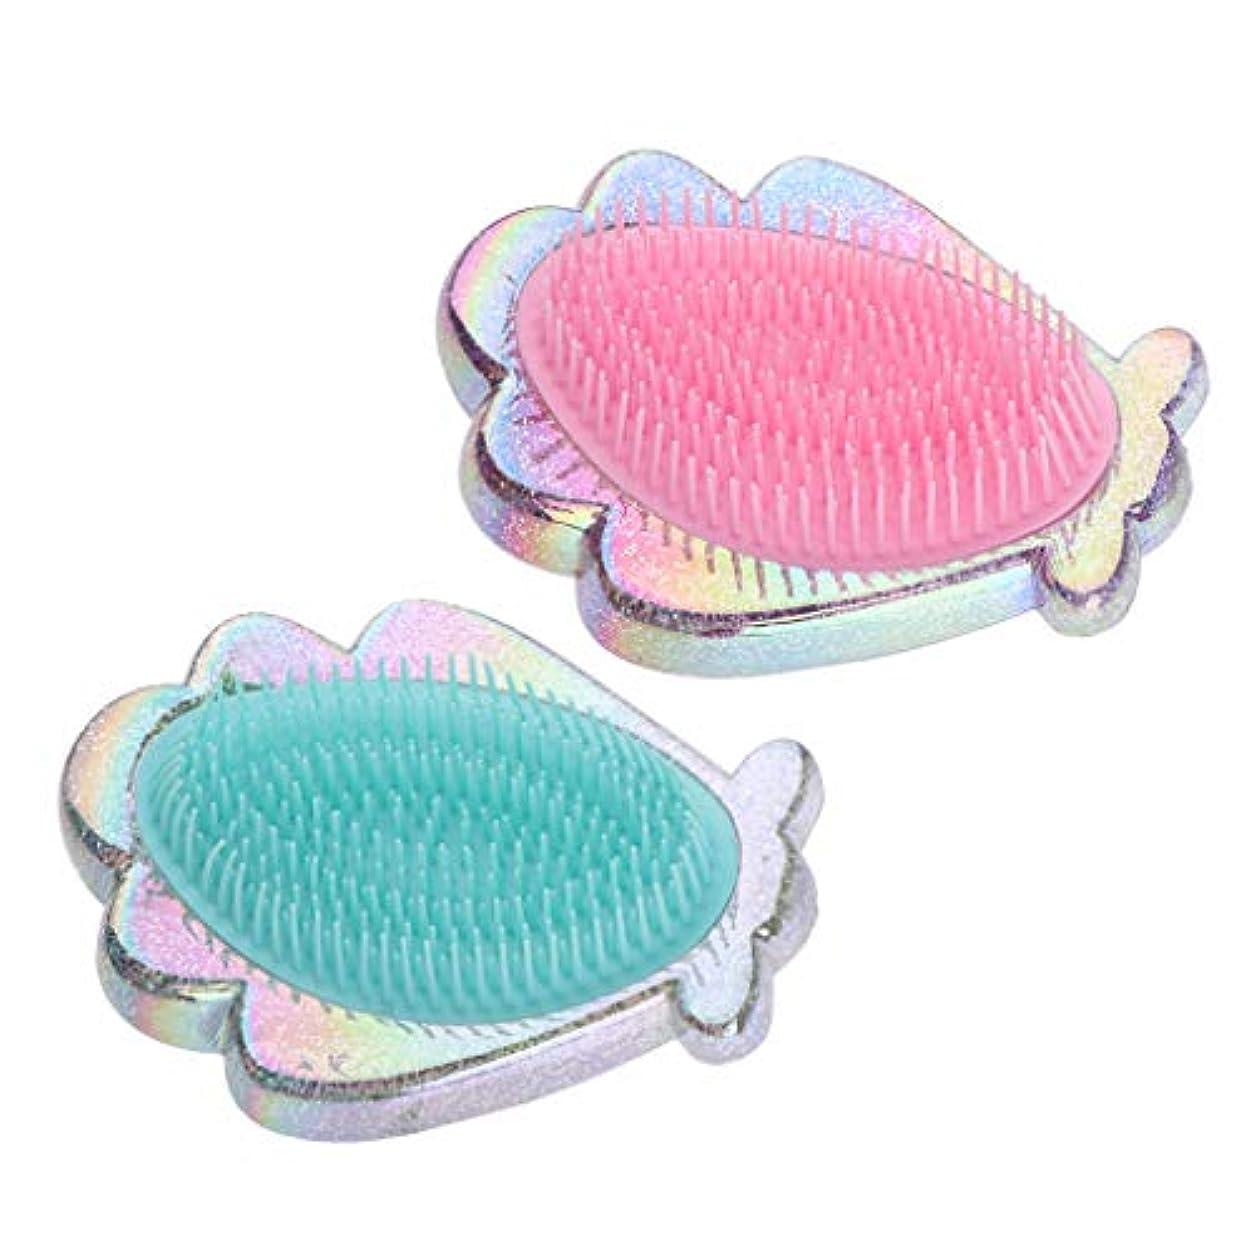 薬用ハードウェア動揺させるCUTICATE コーム ヘアコーム ヘアブラシ 静電気防止 プラスチック製 女性用 2個パック